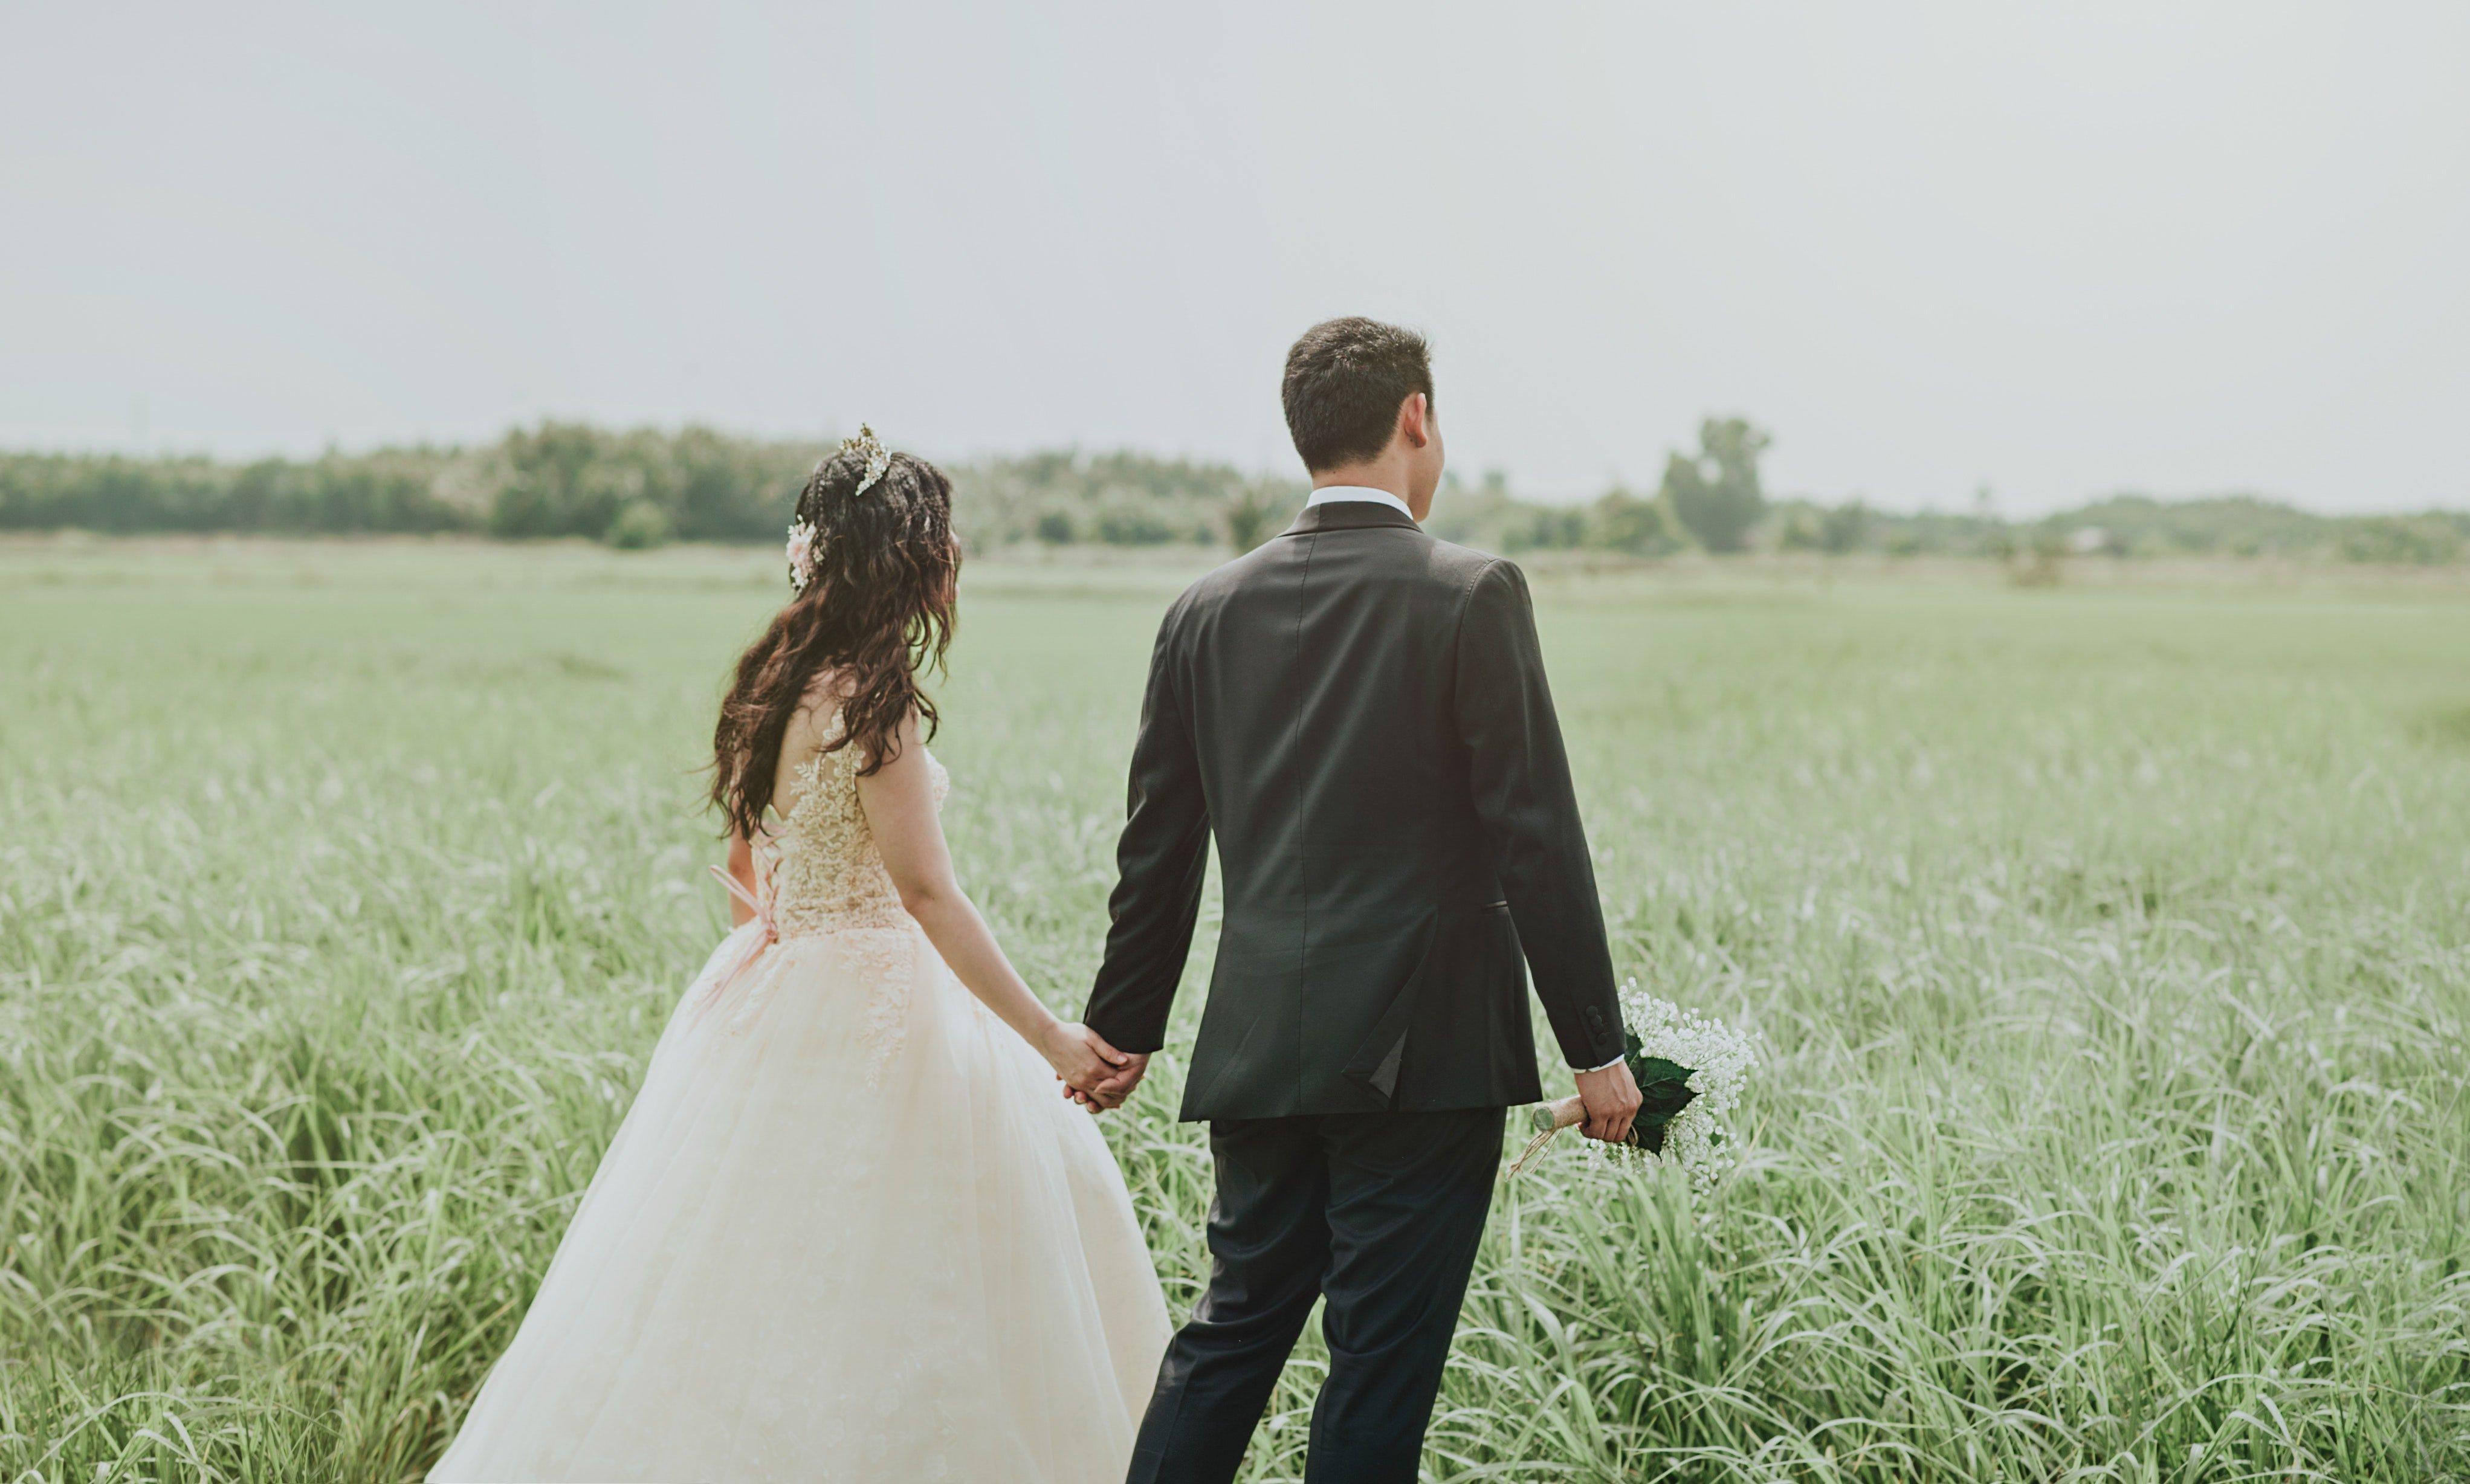 Novios recién casados | Foto: Pexels